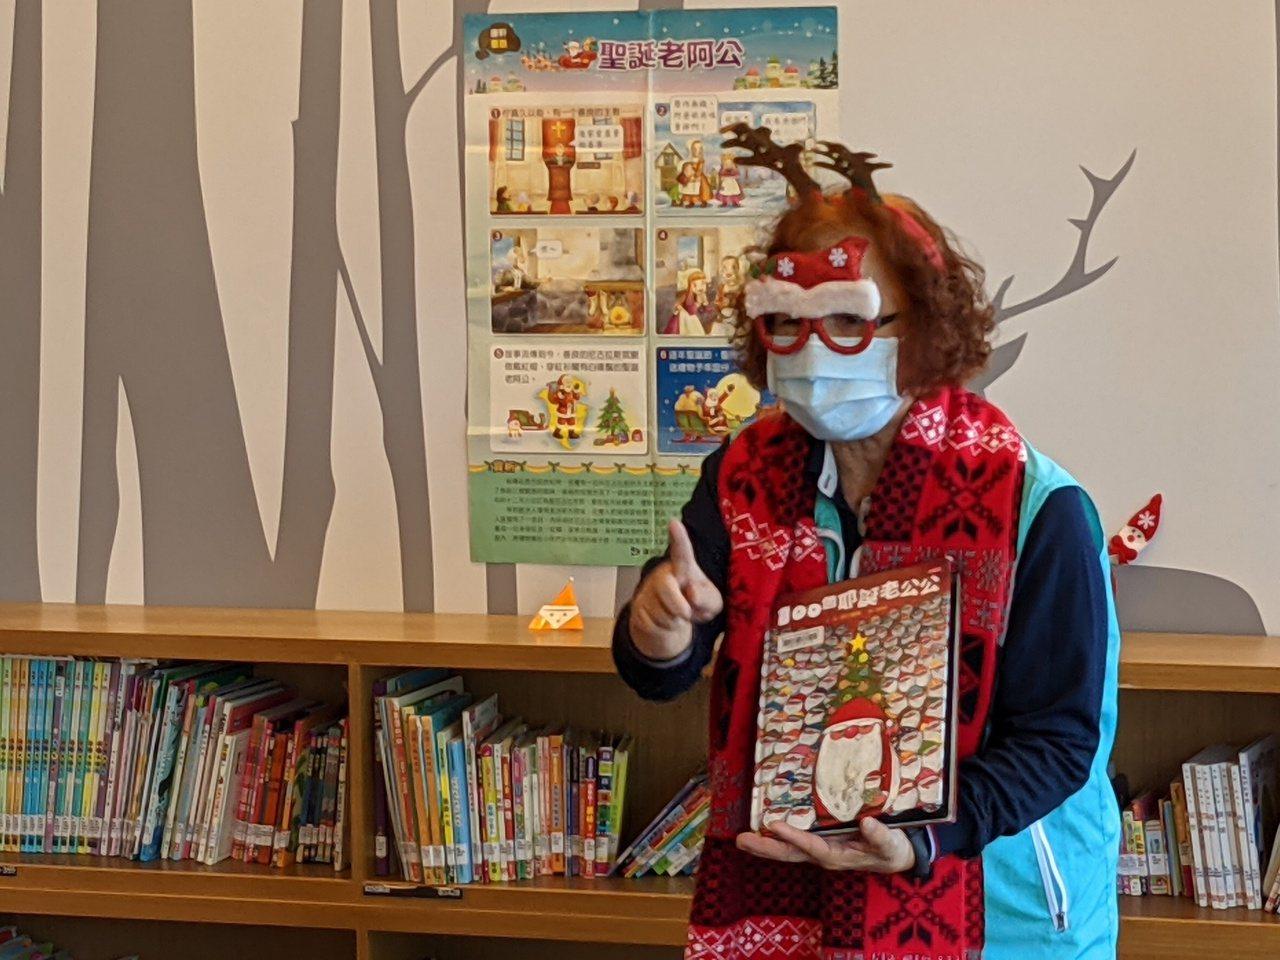 64歲王陳雪霞是國小退休教師,她擔任台中市圖書志工長達14年,成立「魔法故事森林...